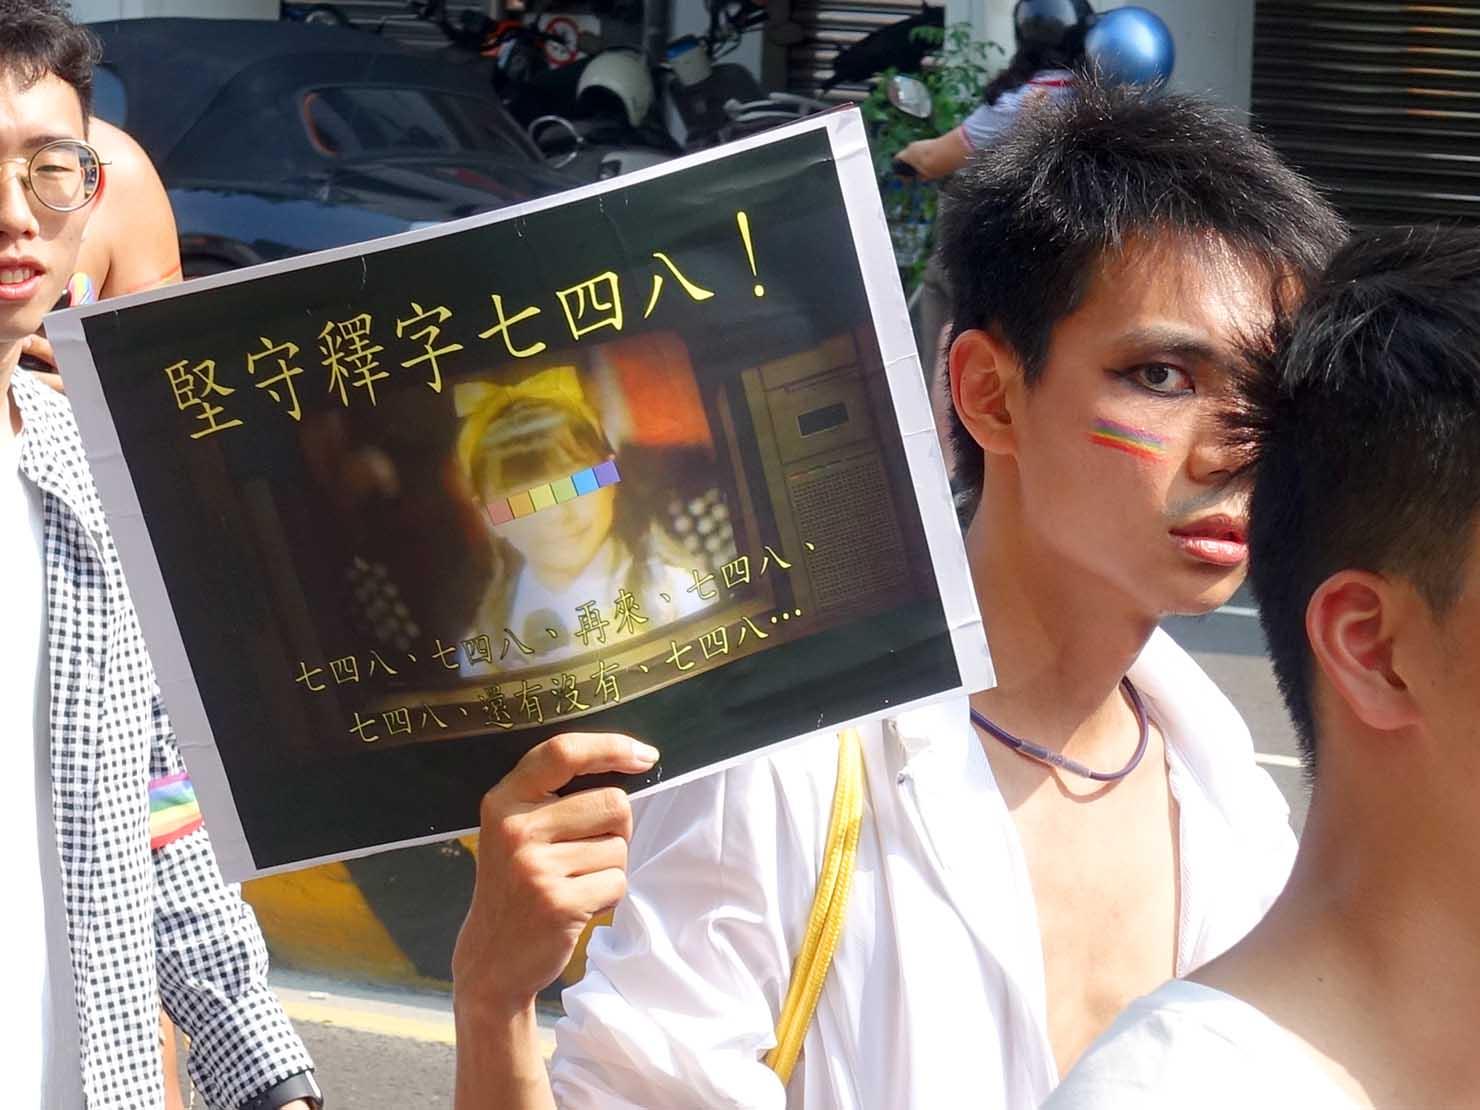 台南彩虹遊行(台南レインボーパレード)2019のパレードで憲法法廷の結果尊重を求める参加者